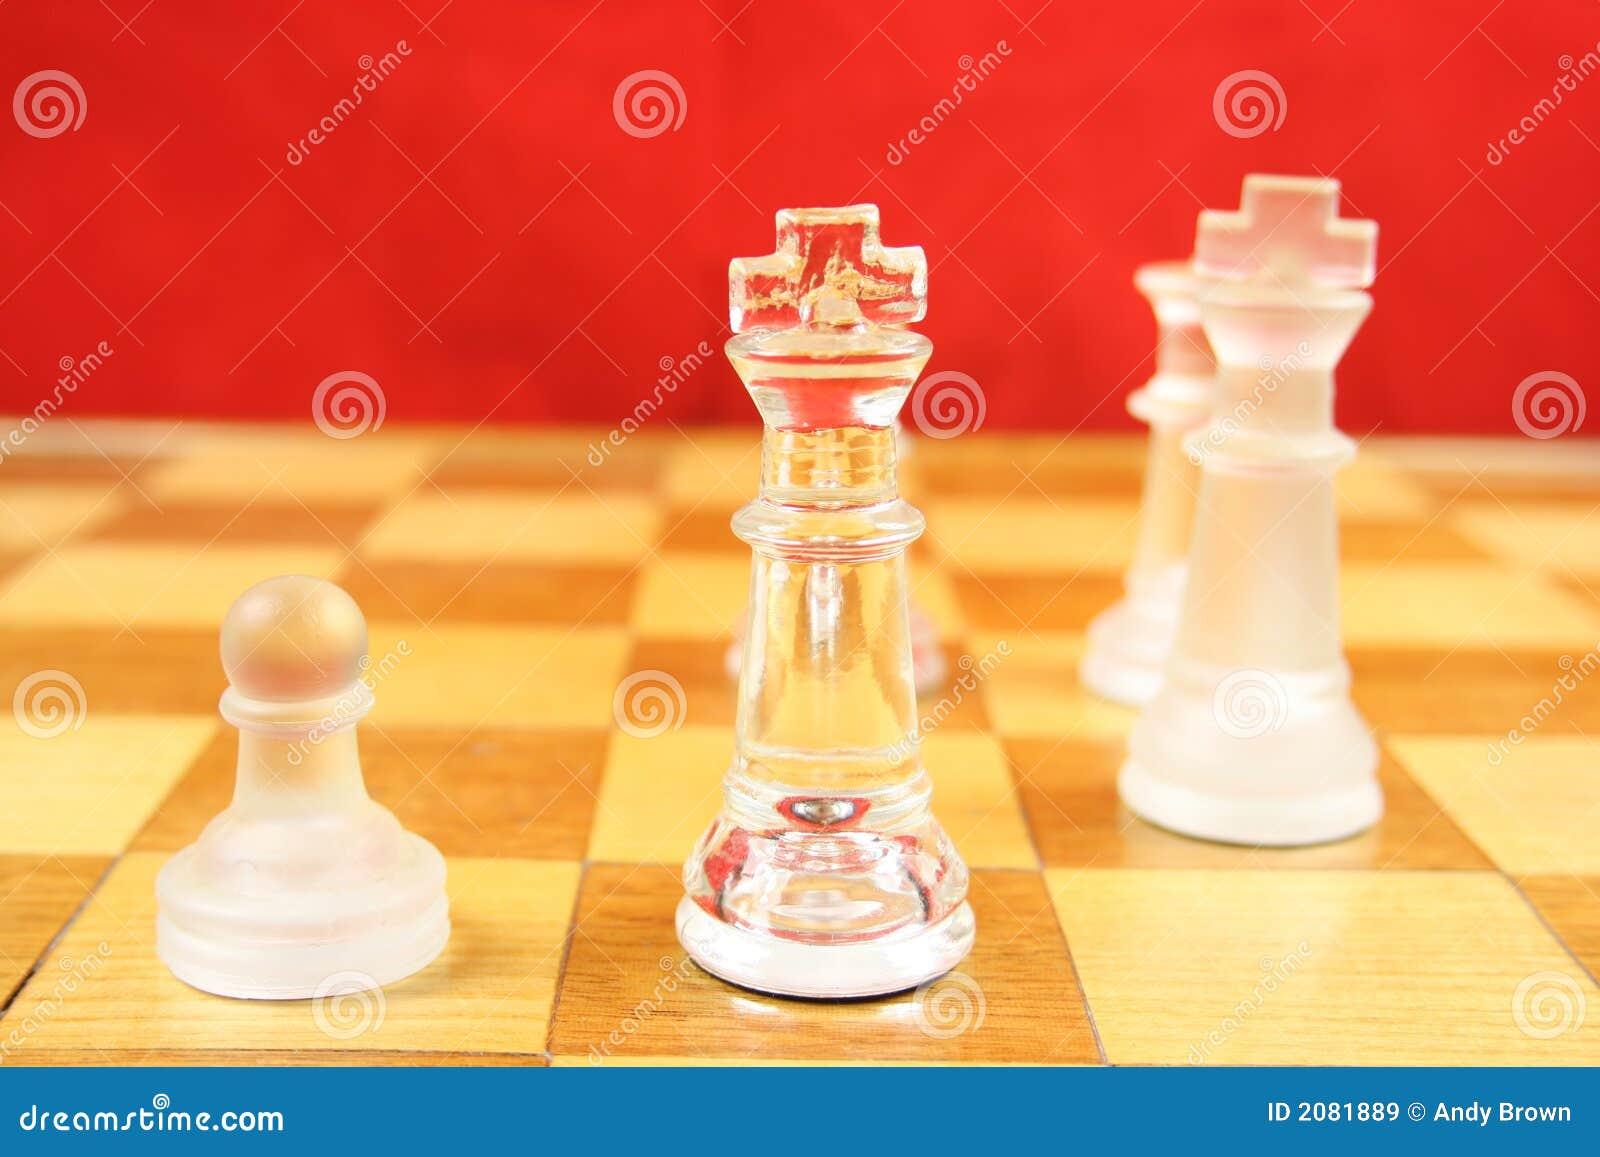 Juego de ajedrez con un fondo rojo